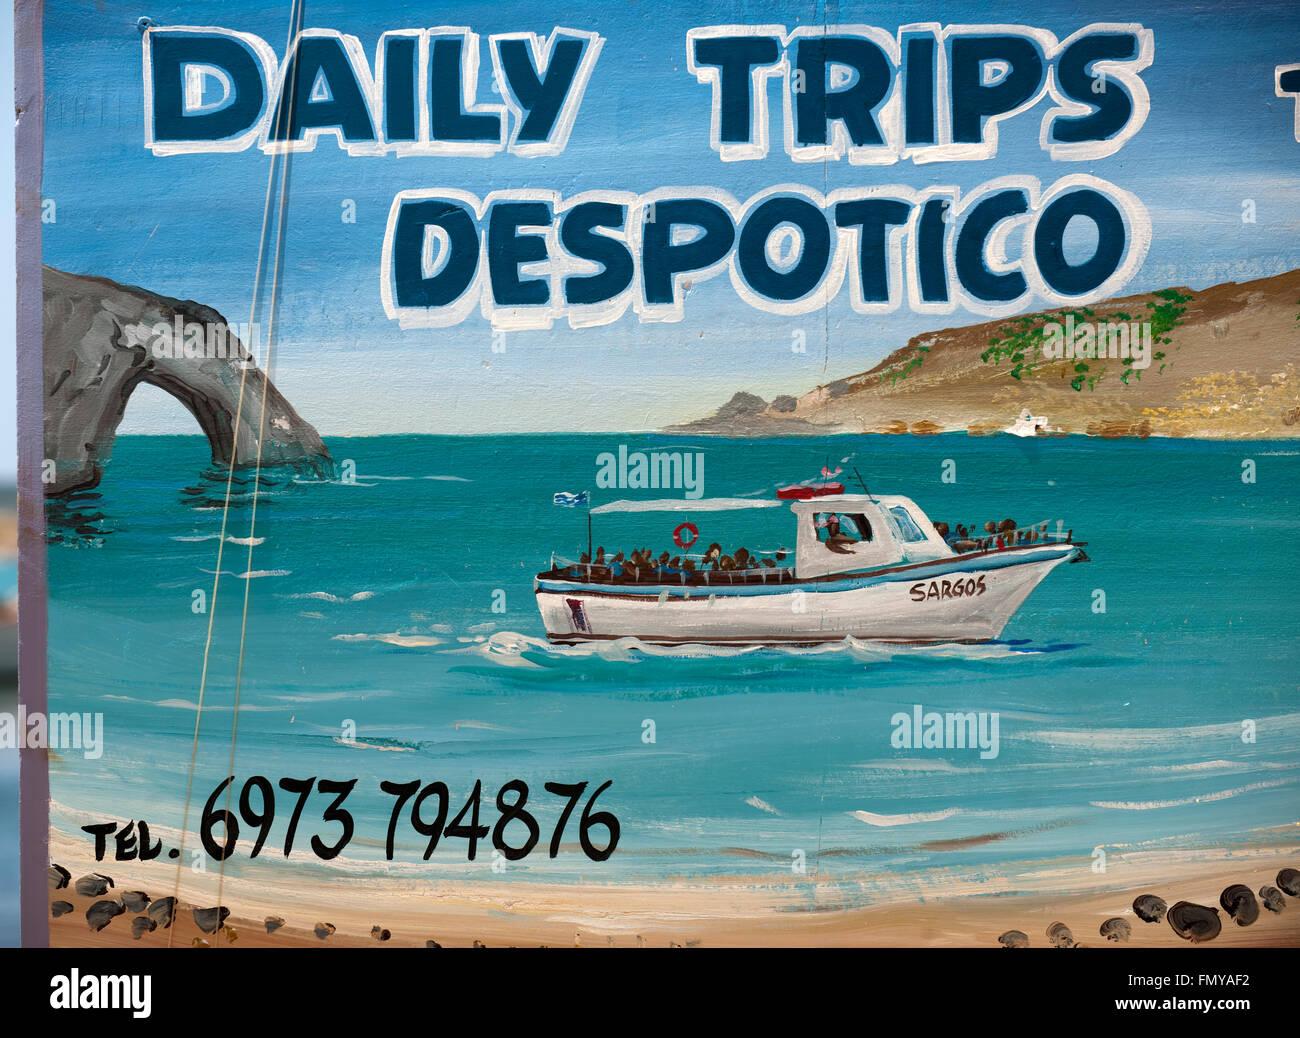 Griechenland, Kykladen, Antiparos, Agios Georgios, Schild am Bootsanleger gegenüber der Insel Despotiko - Stock Image